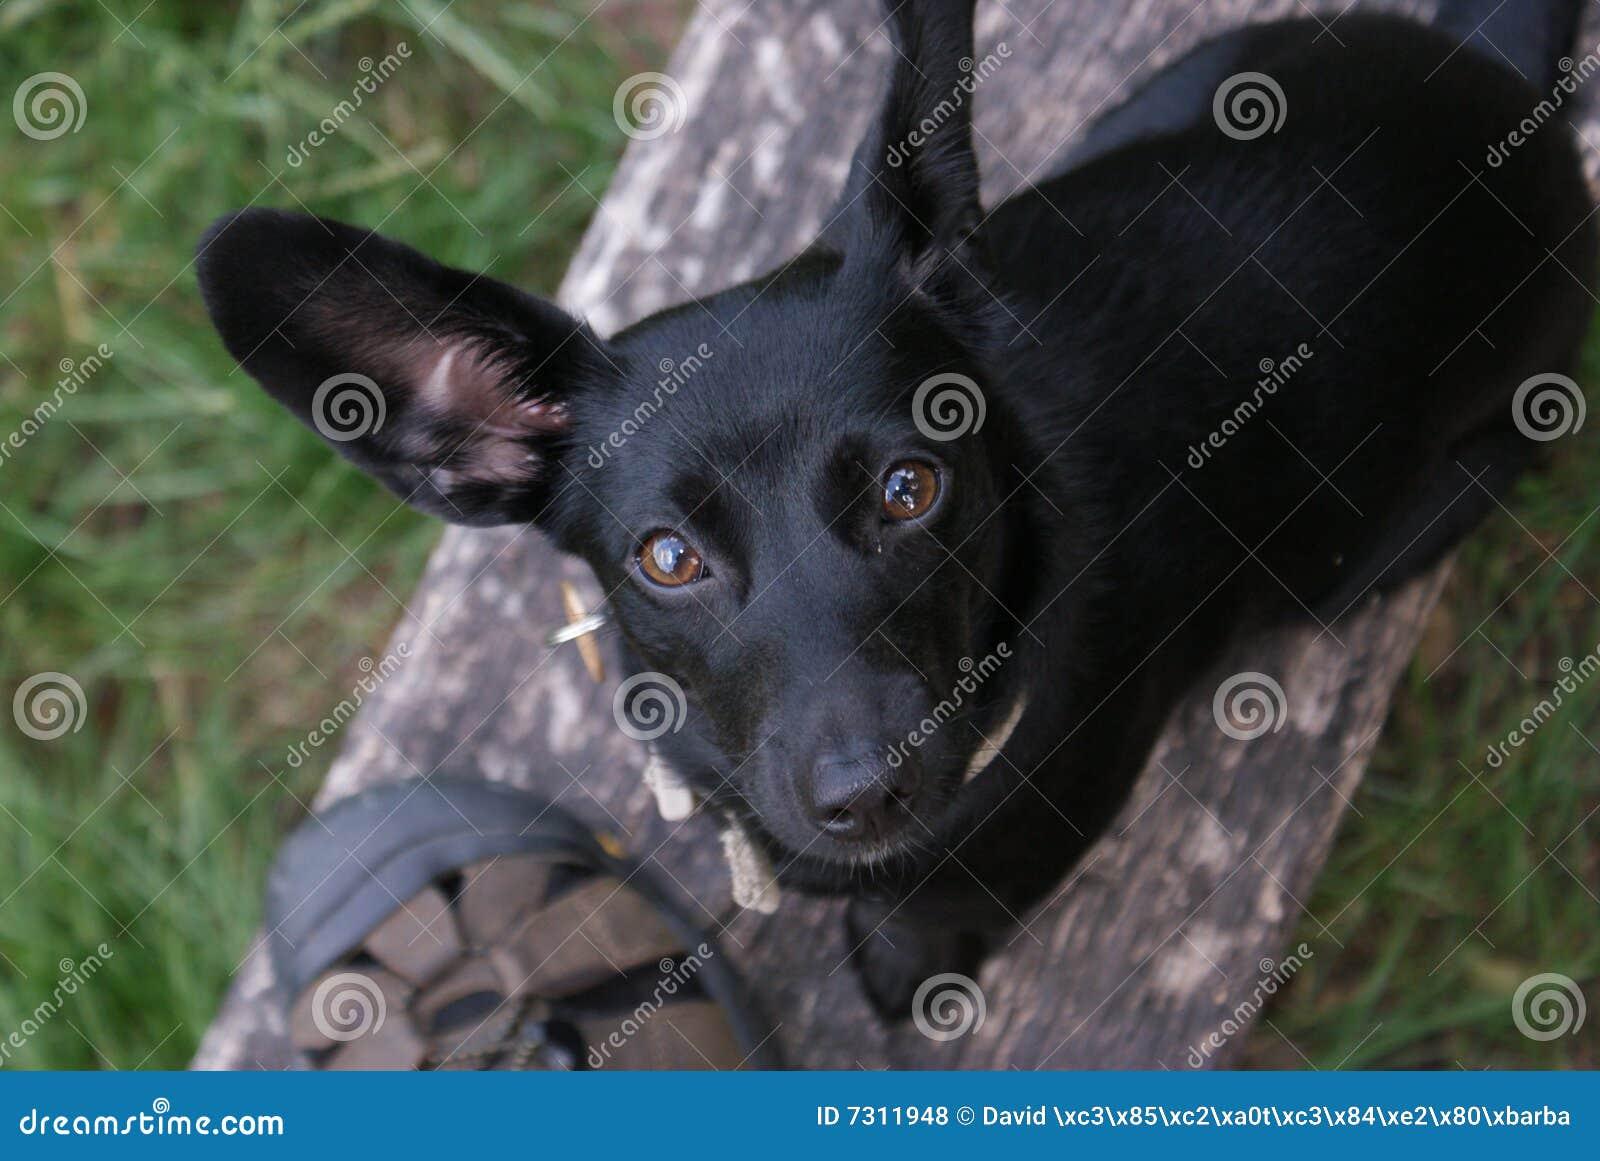 Piccolo cane nero